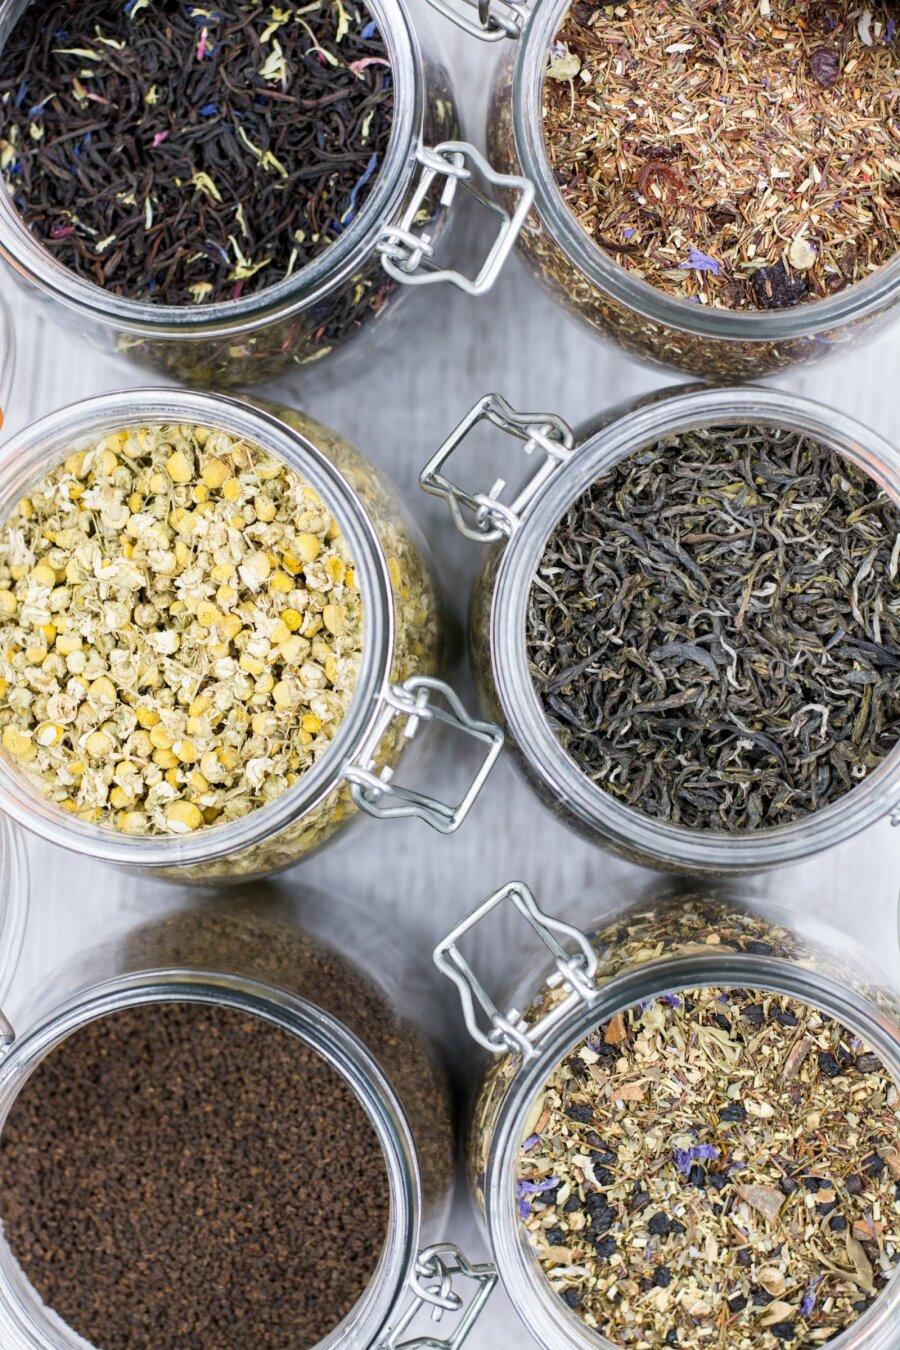 каковы условия и сроки хранения чая